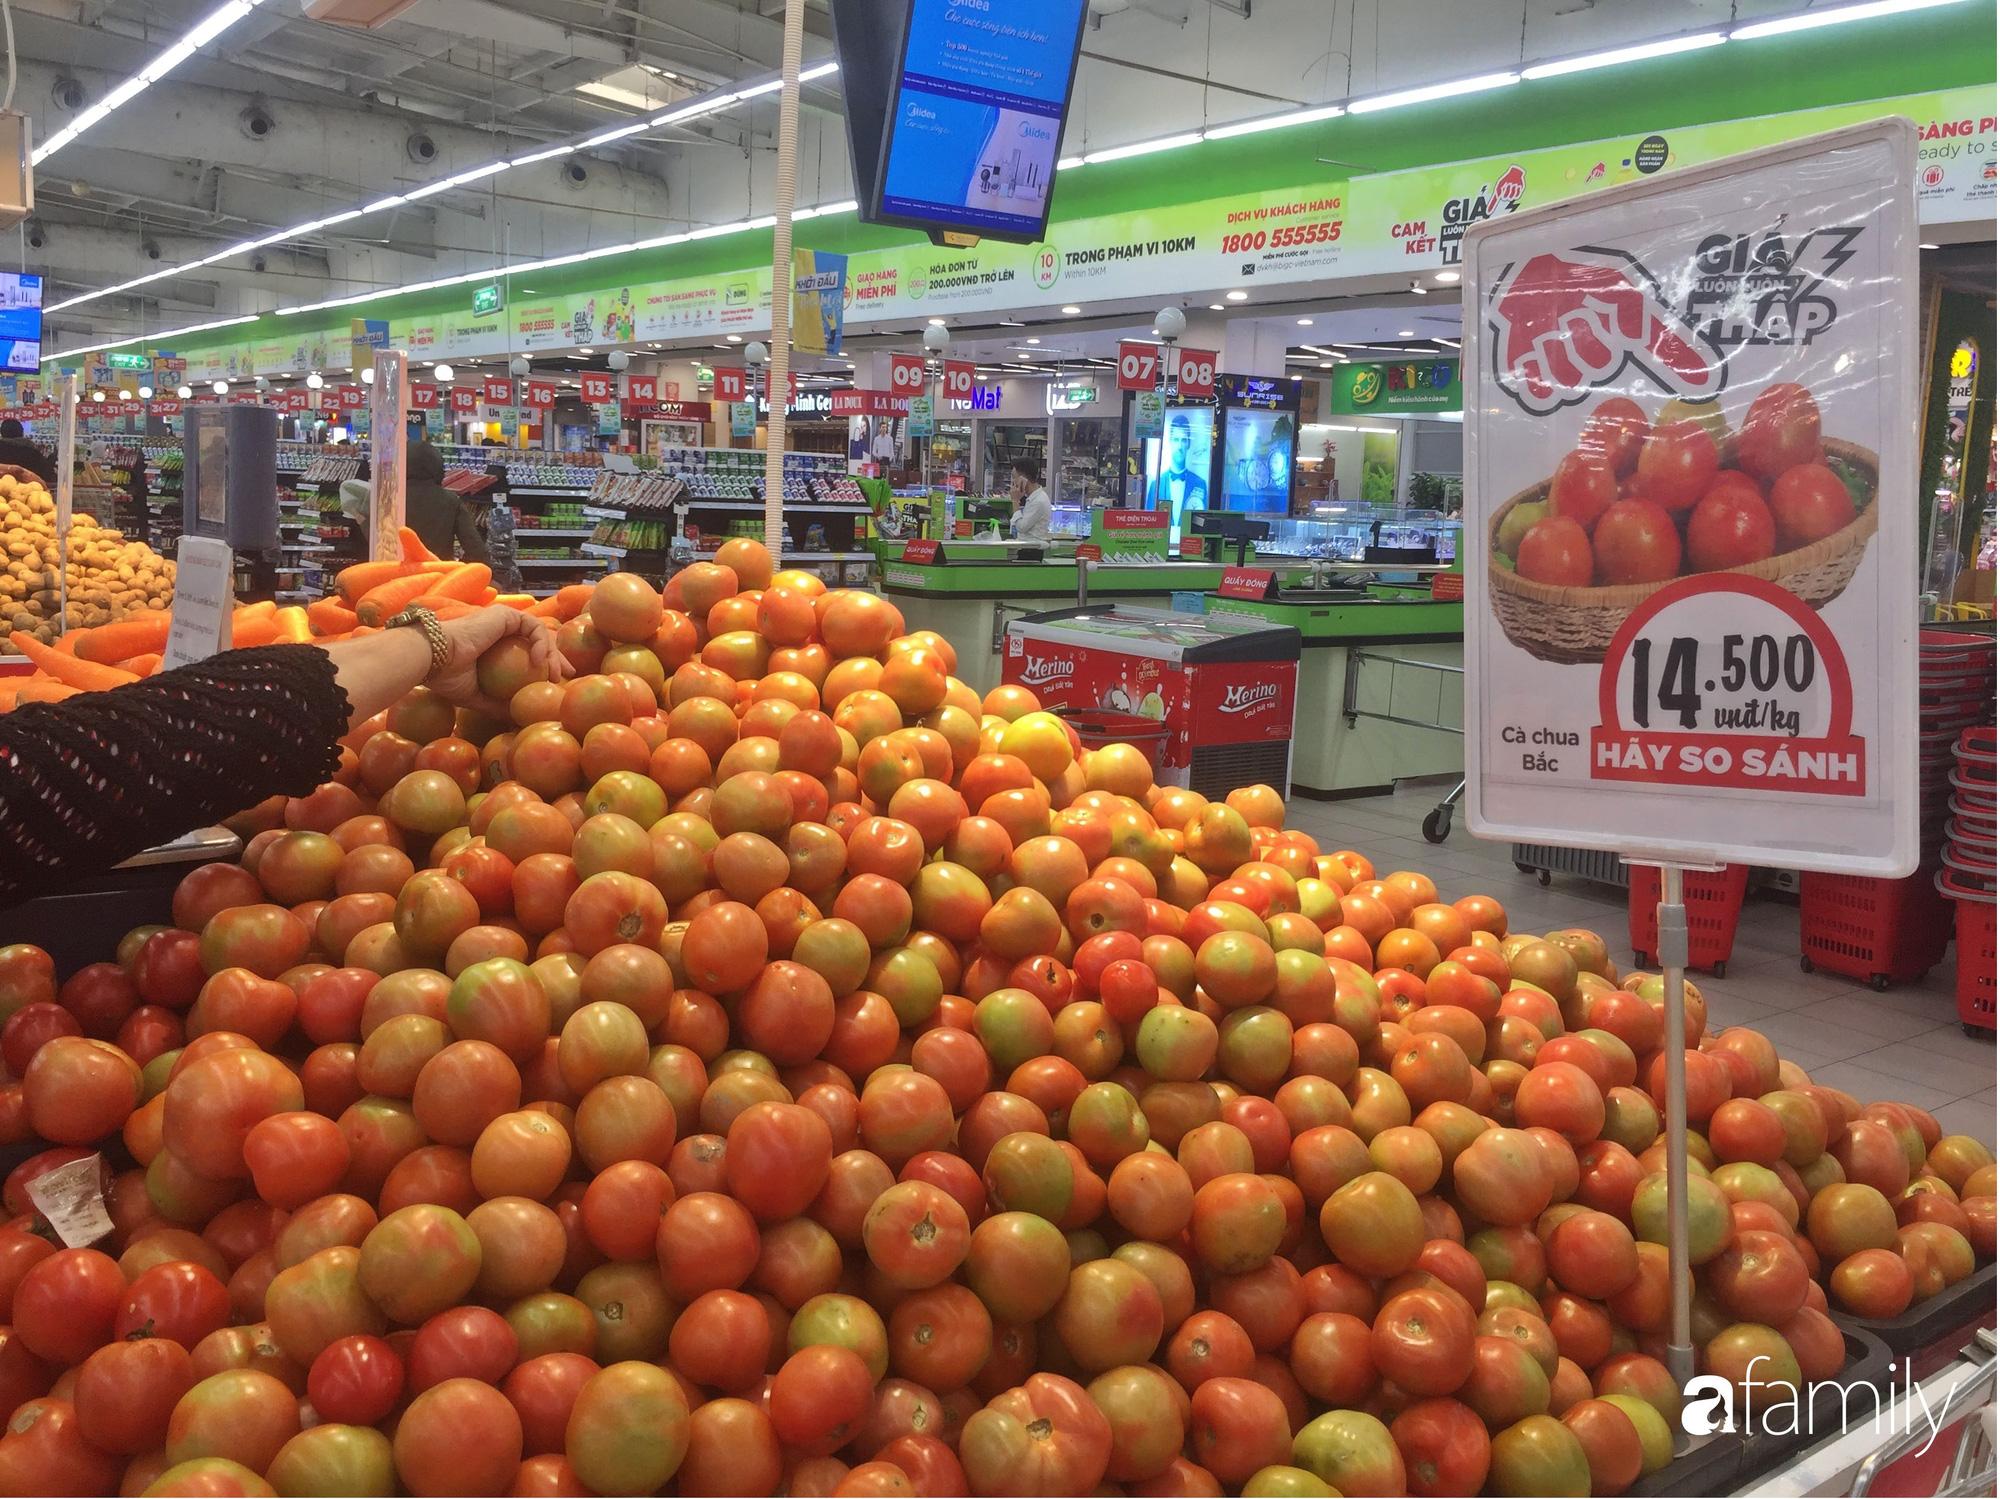 Giá hoa quả trong siêu thị rẻ gấp 3 lần so với thời điểm trước Tết, dưa hấu còn 6.700 đồng/kg - Ảnh 12.